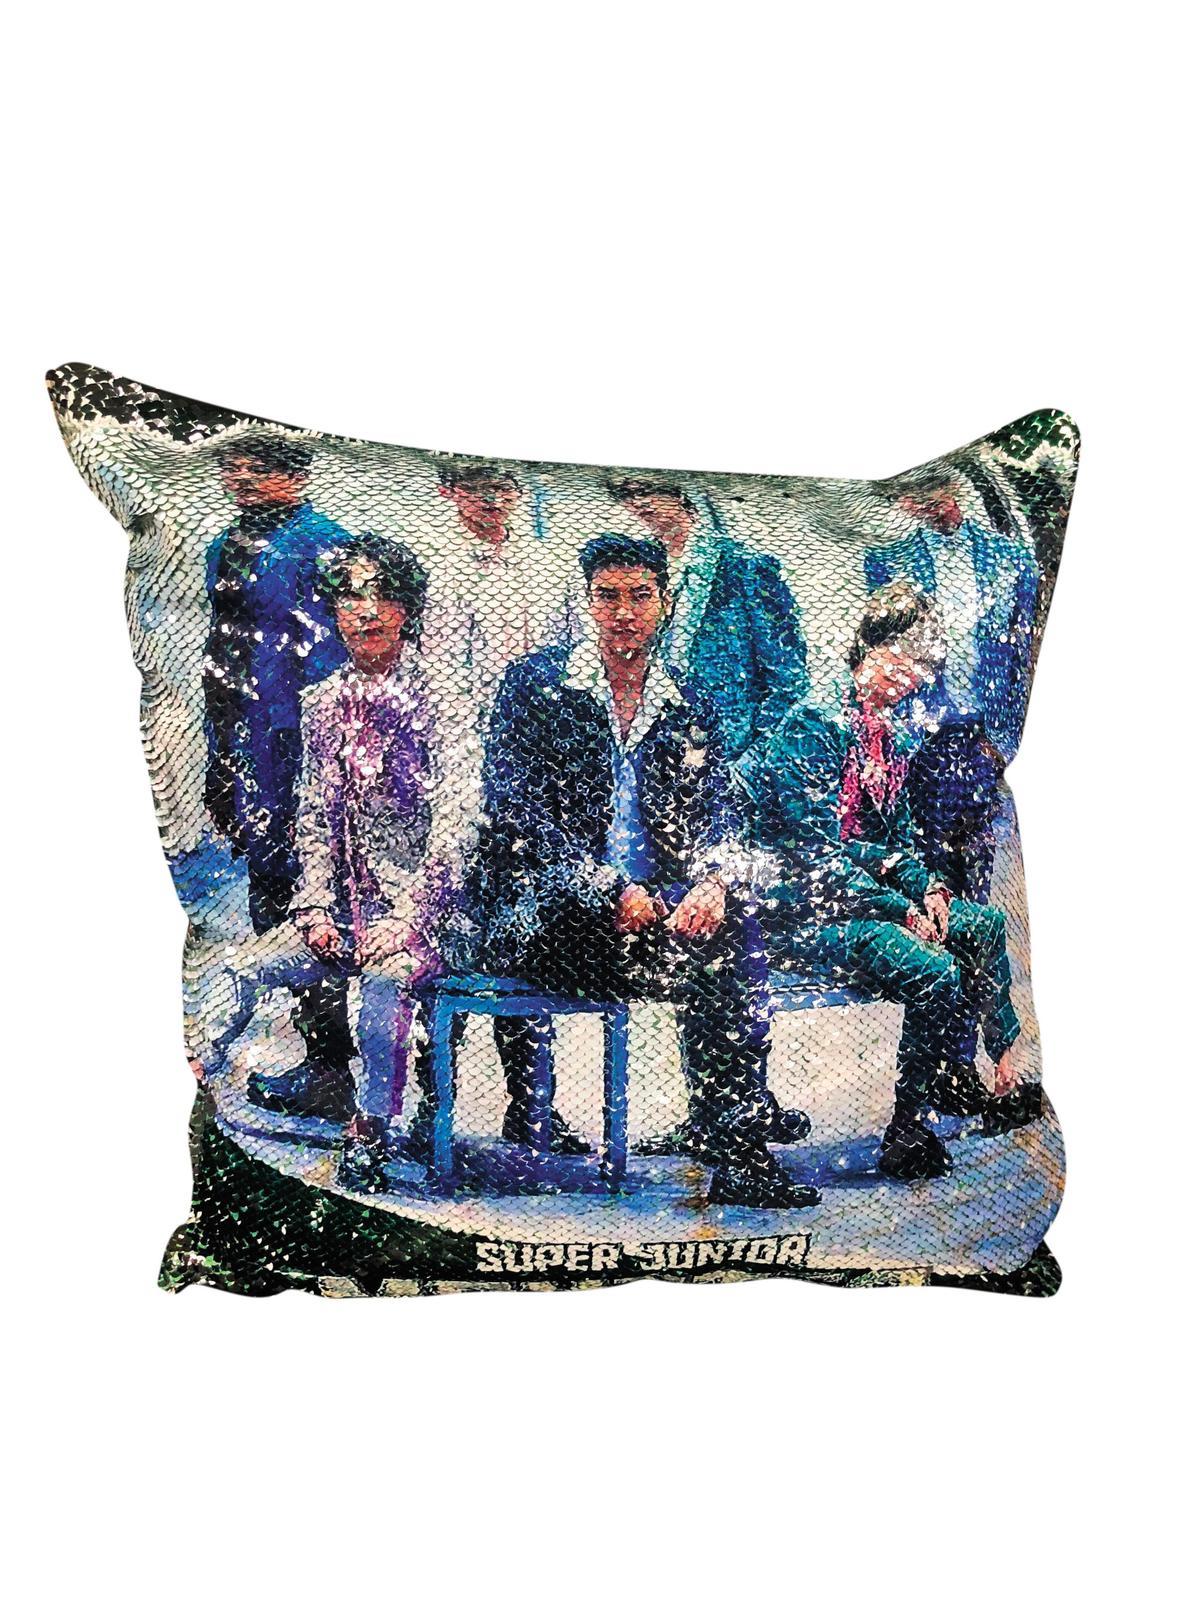 今年三月底舉辦的Monster KPOP拼盤演唱會,丁南做了Super Junior的亮片抱枕送給粉絲。